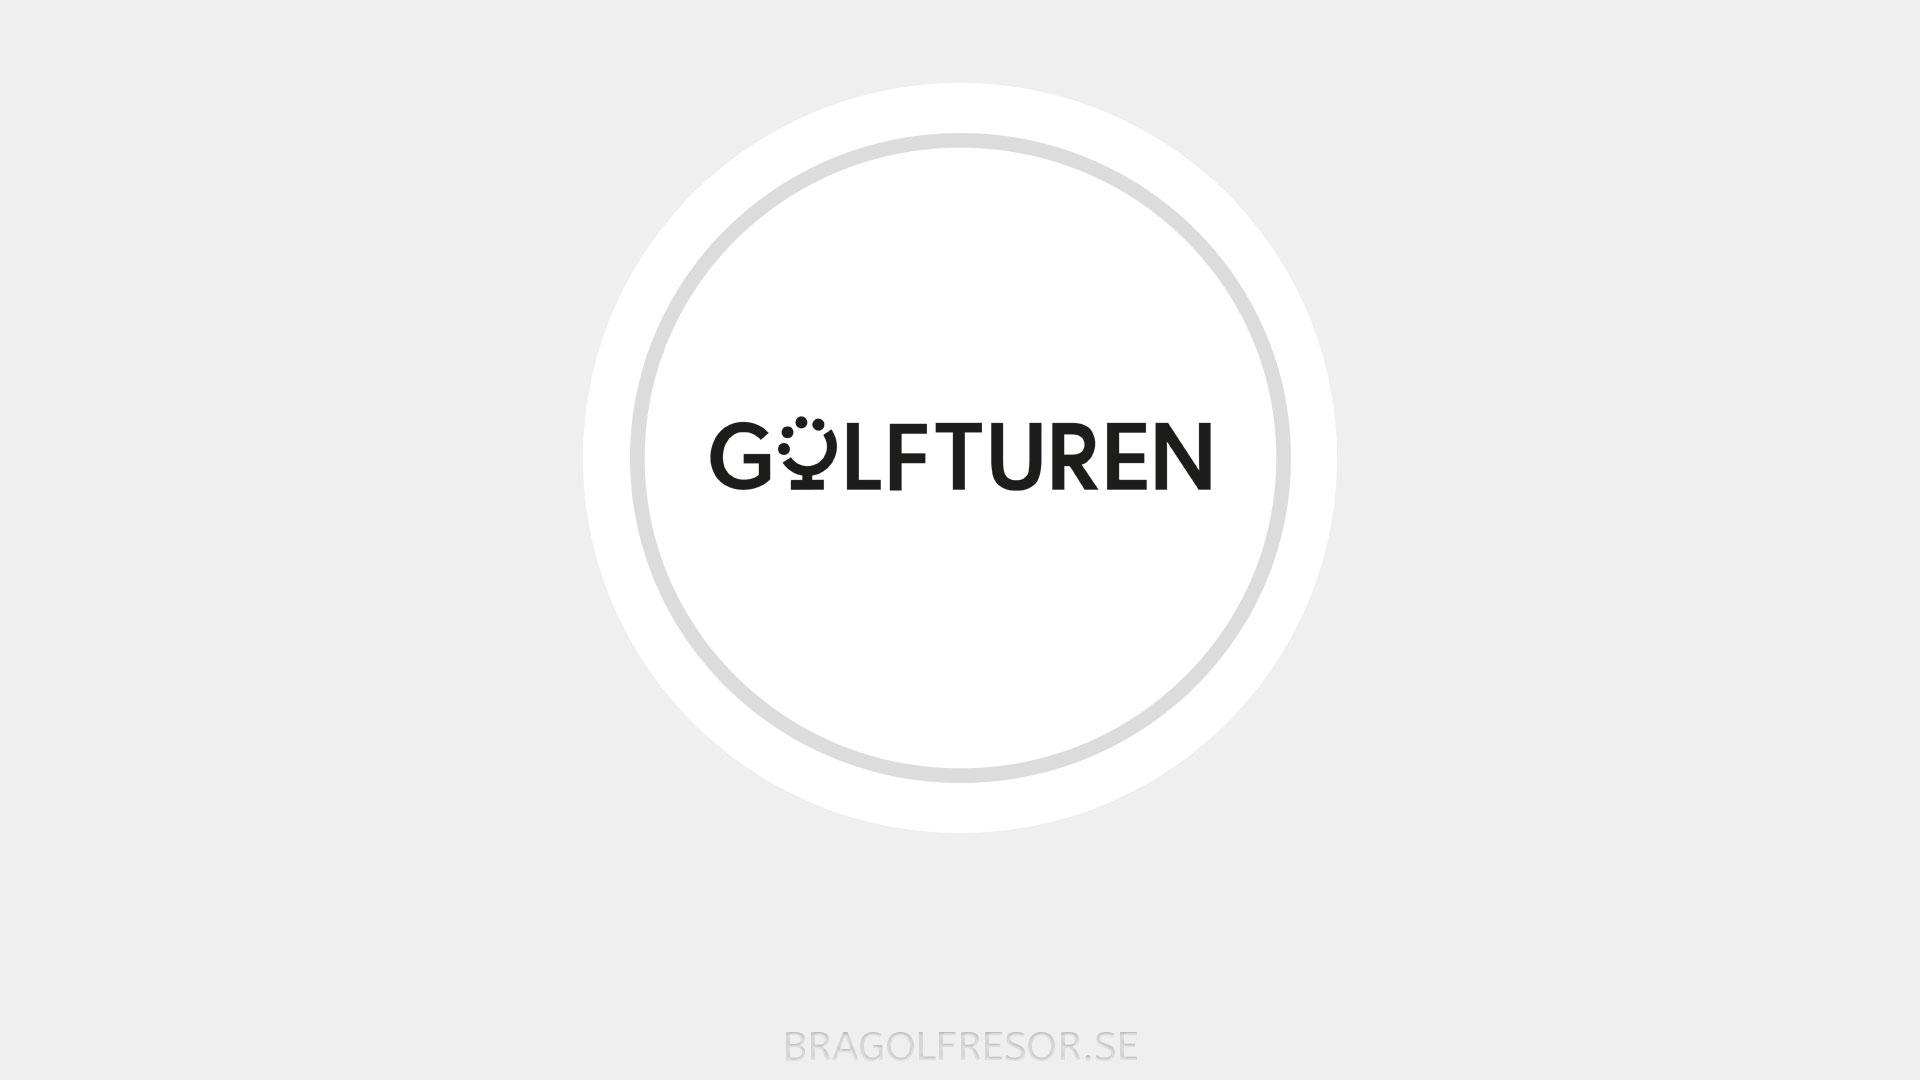 Golfturen